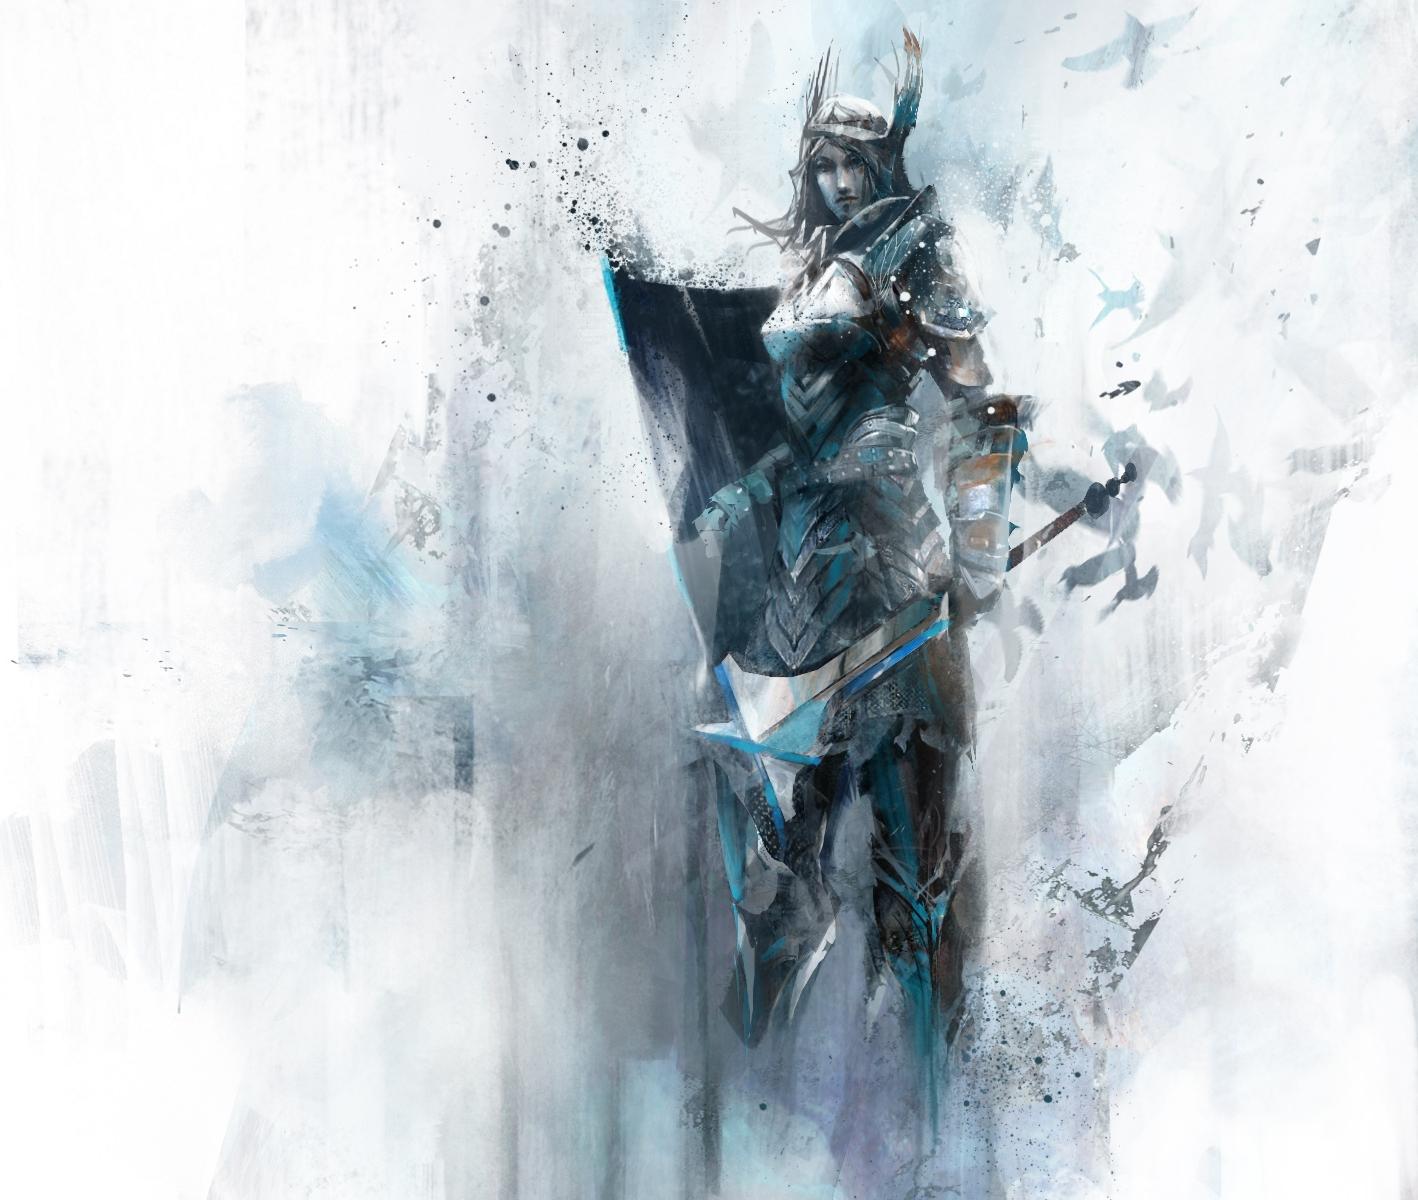 https://i0.wp.com/wiki.guildwars2.com/images/1/14/Guardian_02_concept_art.jpg